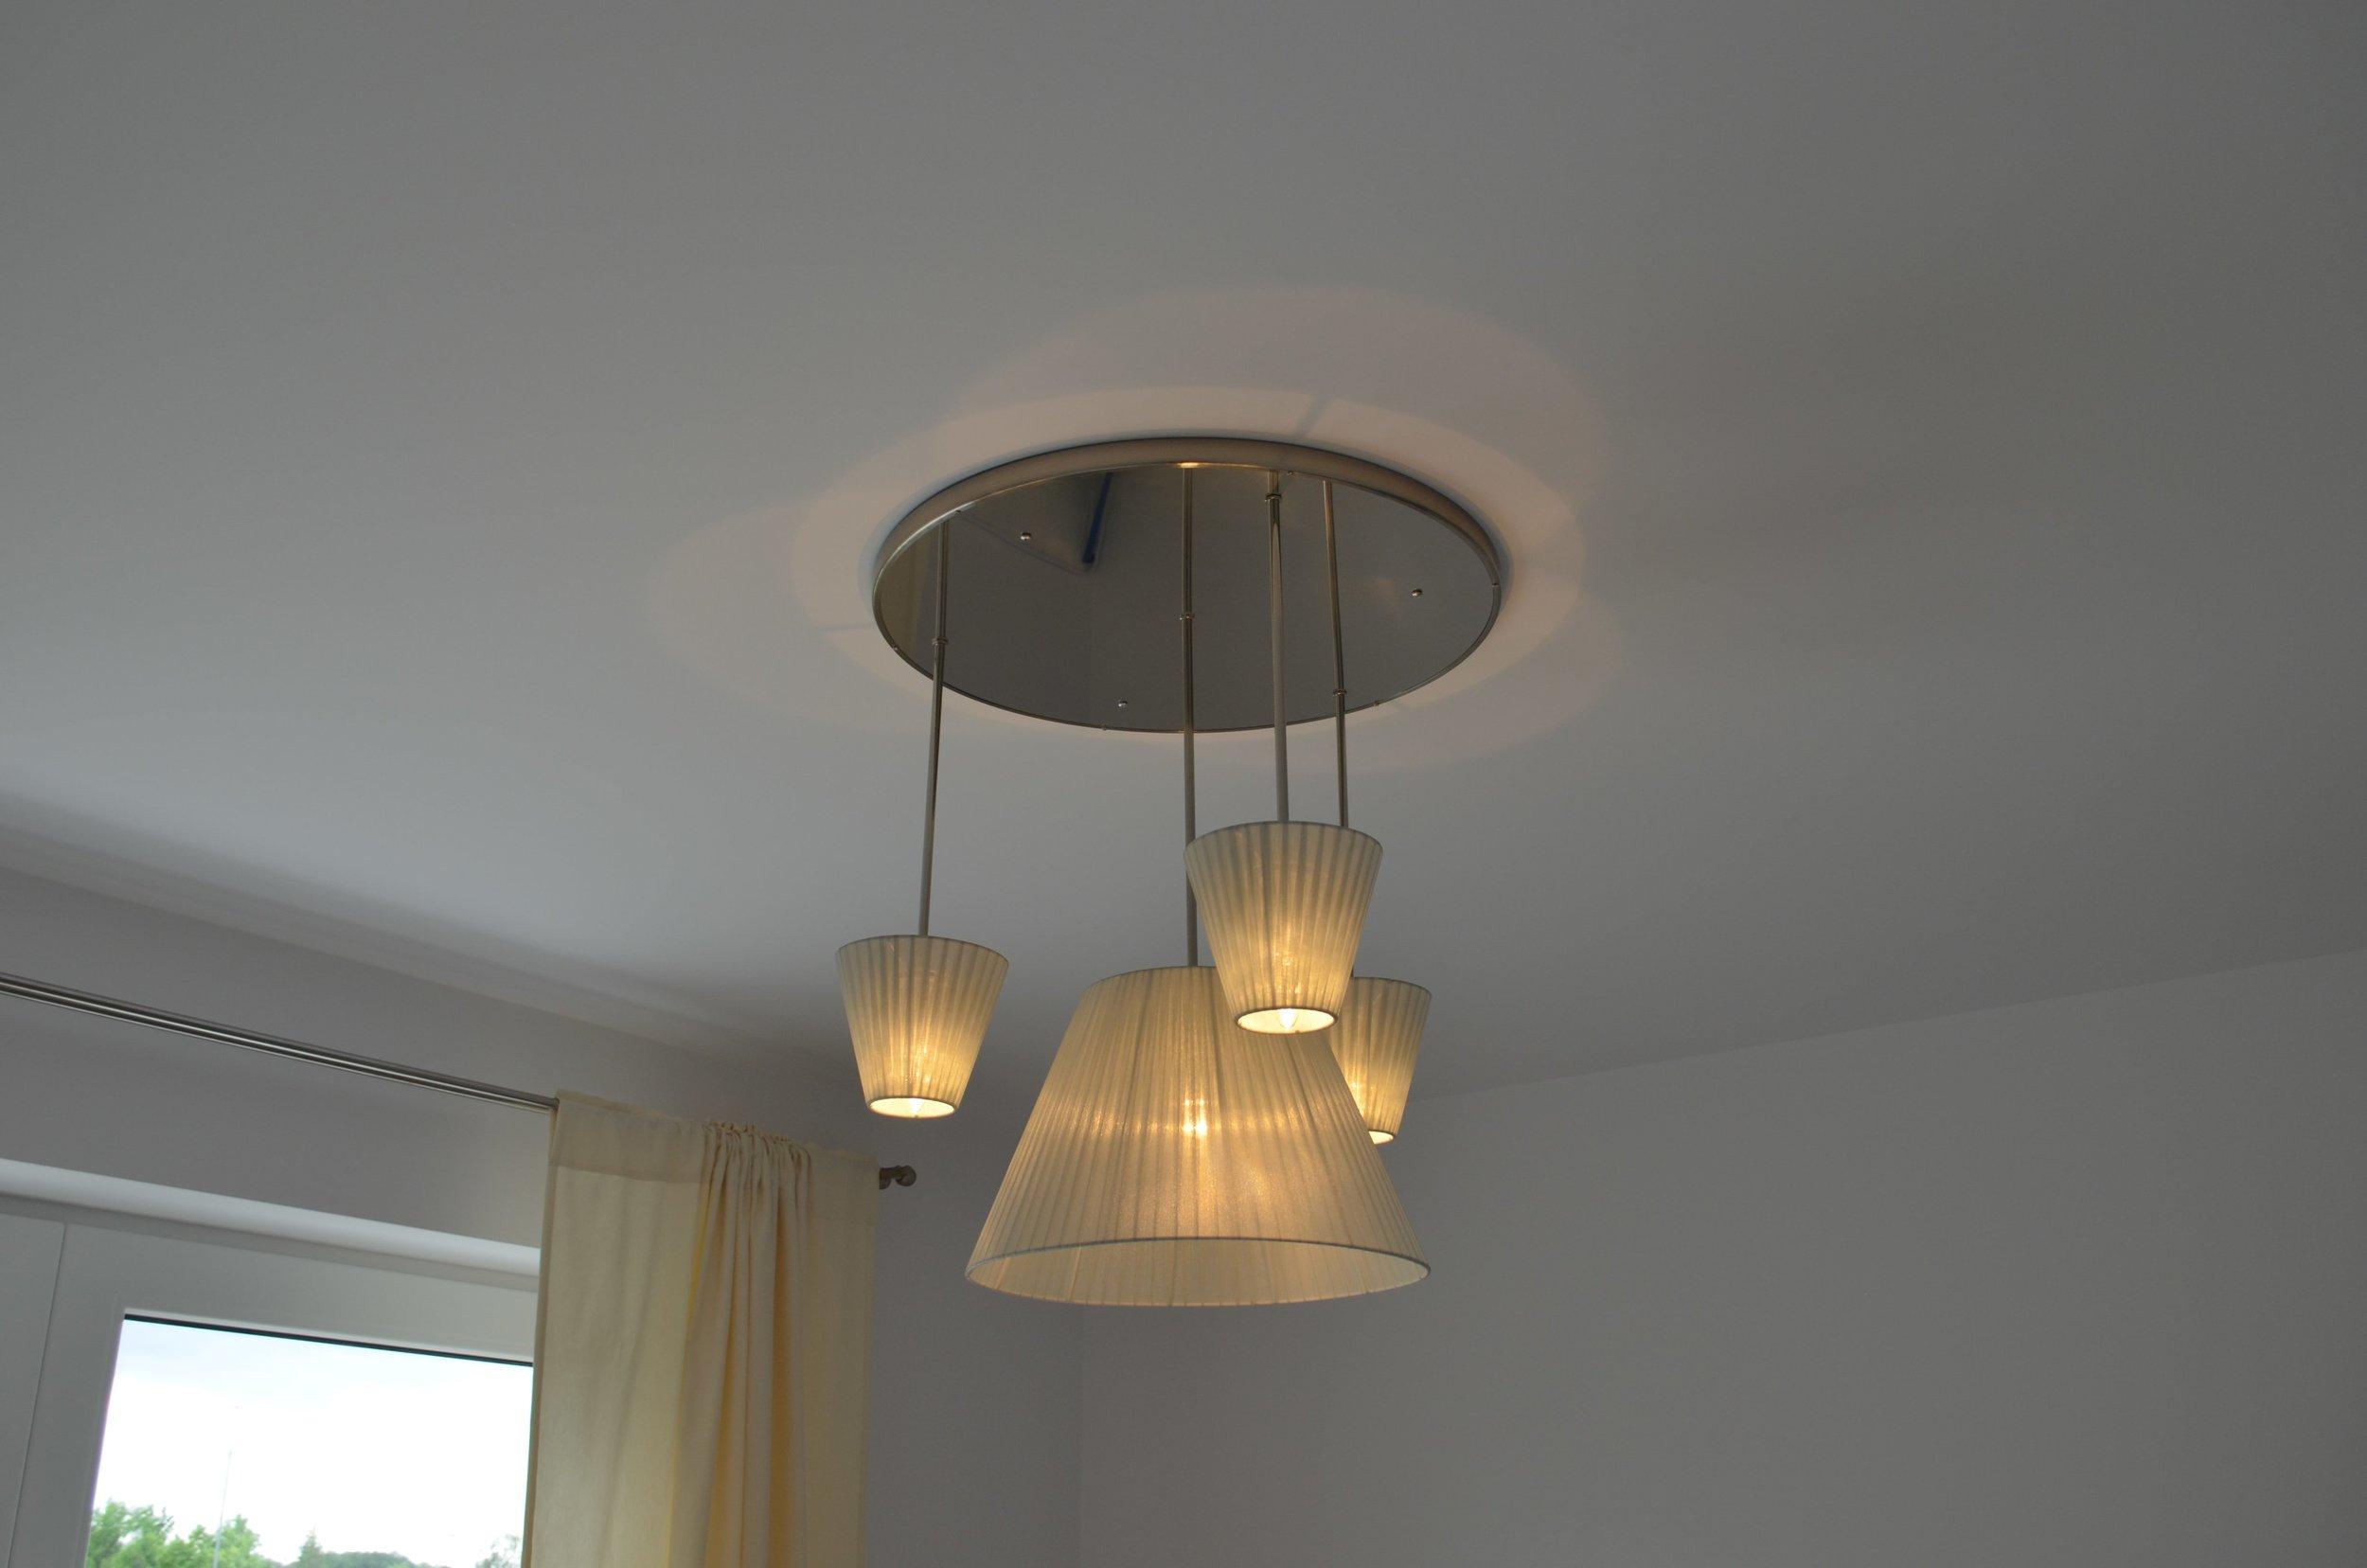 wranovsky_private_villa_chandelier_12-min.jpeg